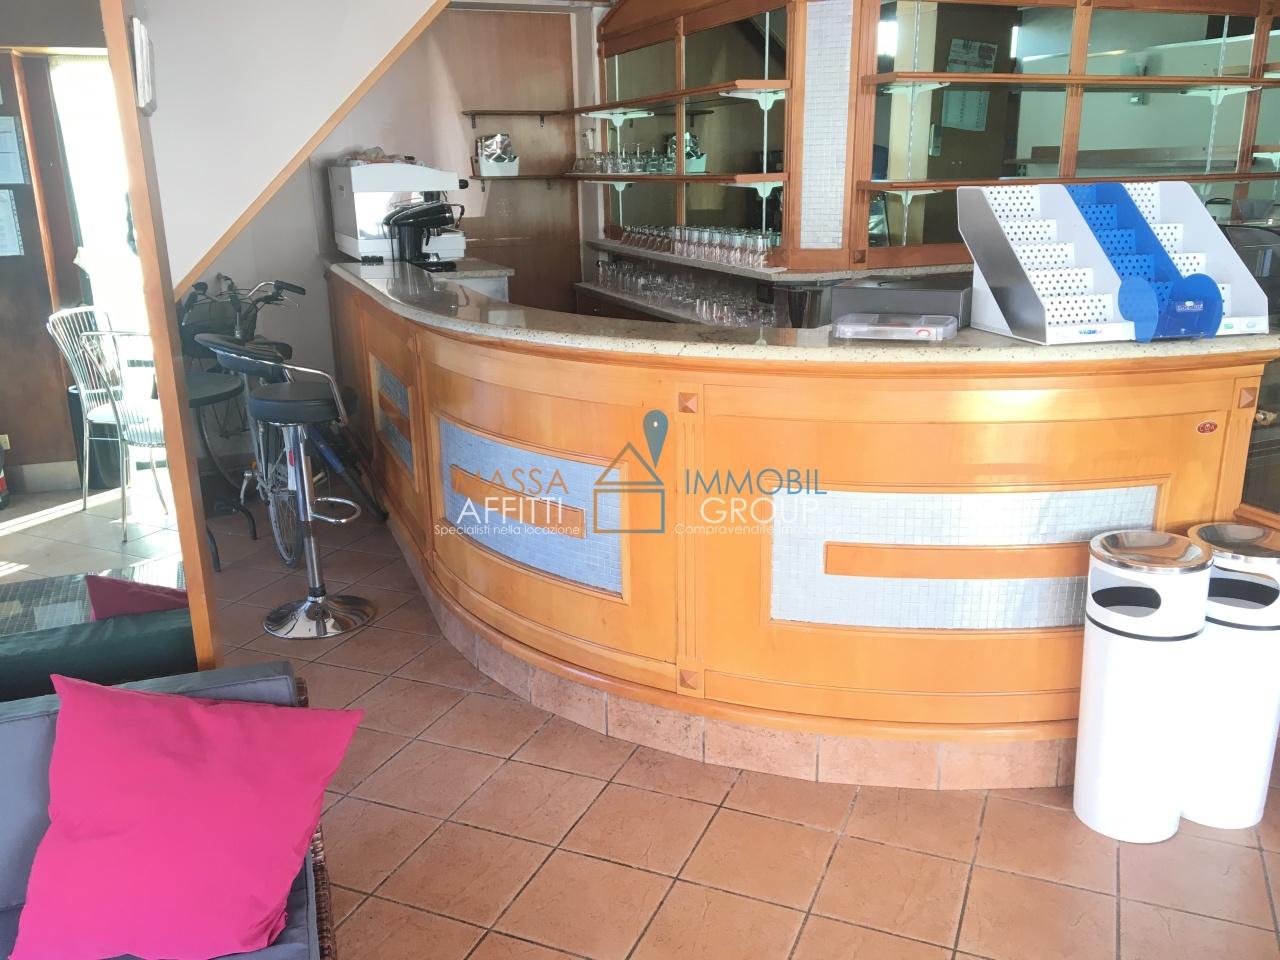 Locale commerciale - 3 Vetrine a Marina Di Carrara, Carrara Rif. 9191311